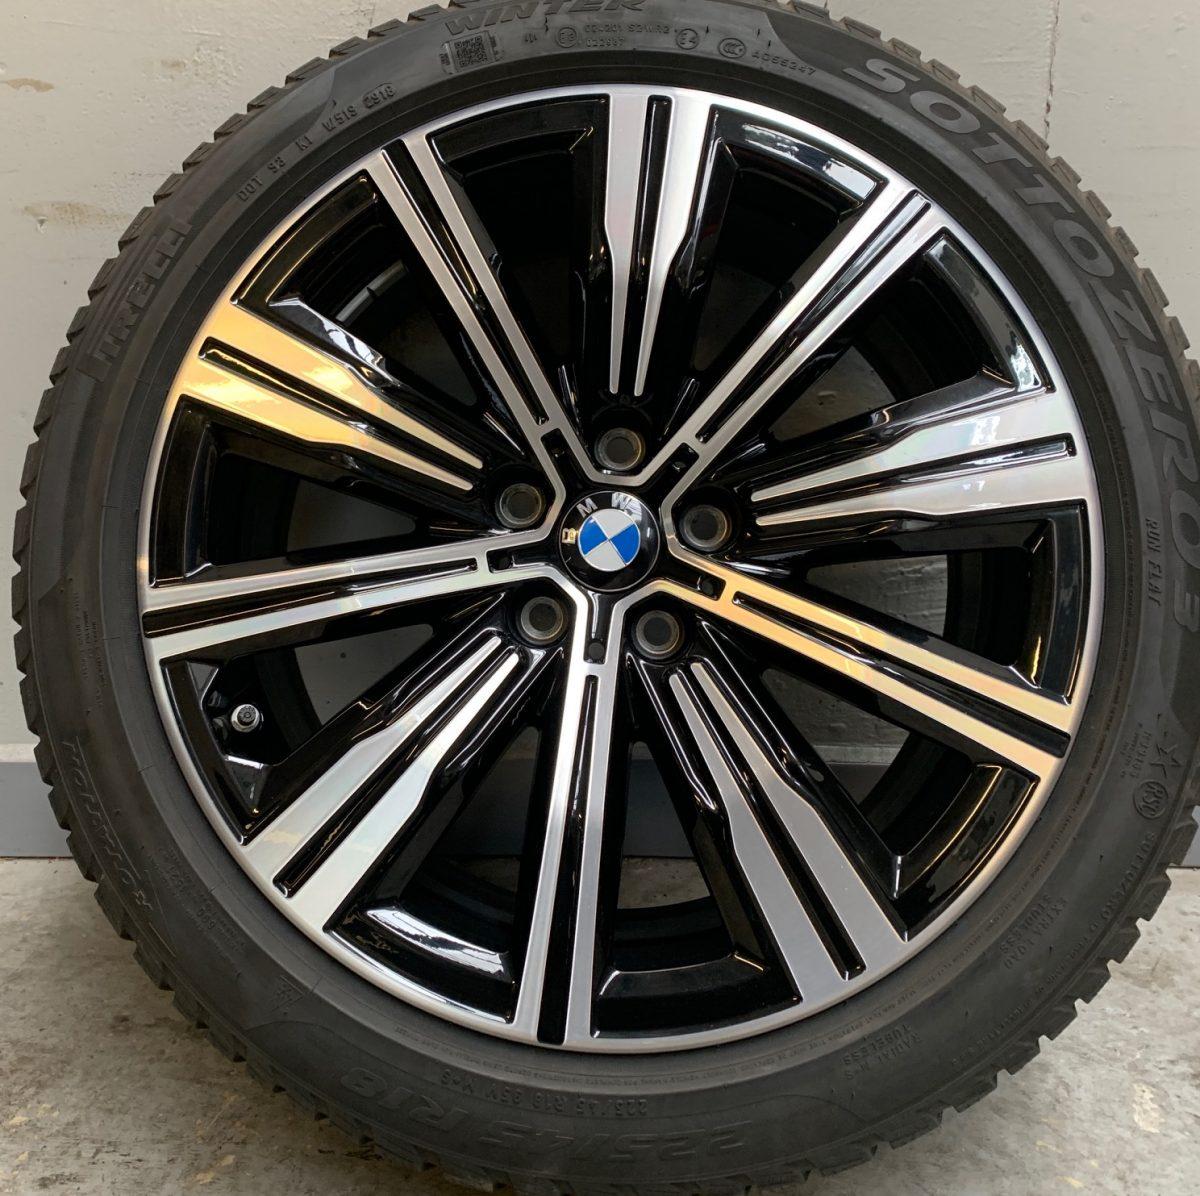 Gyári alufelni BMW G20 (782 styl) 7,5X18 alufelni újszerű téli garnitúra! Pirelli gumikkal,nyomásszenzorral! 1